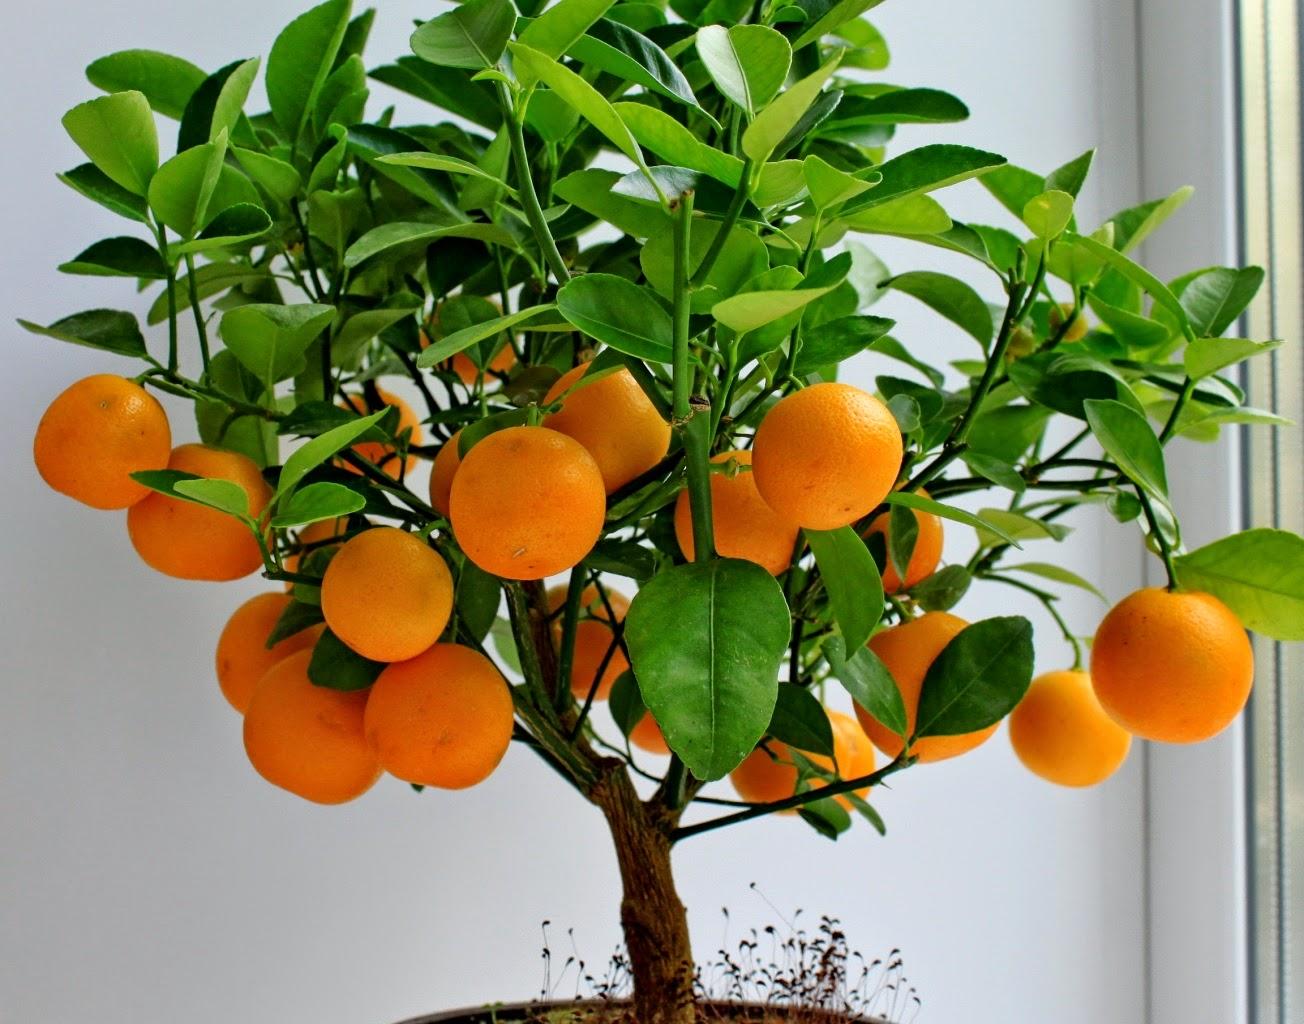 mandarin-oranzhevaya-radost-4